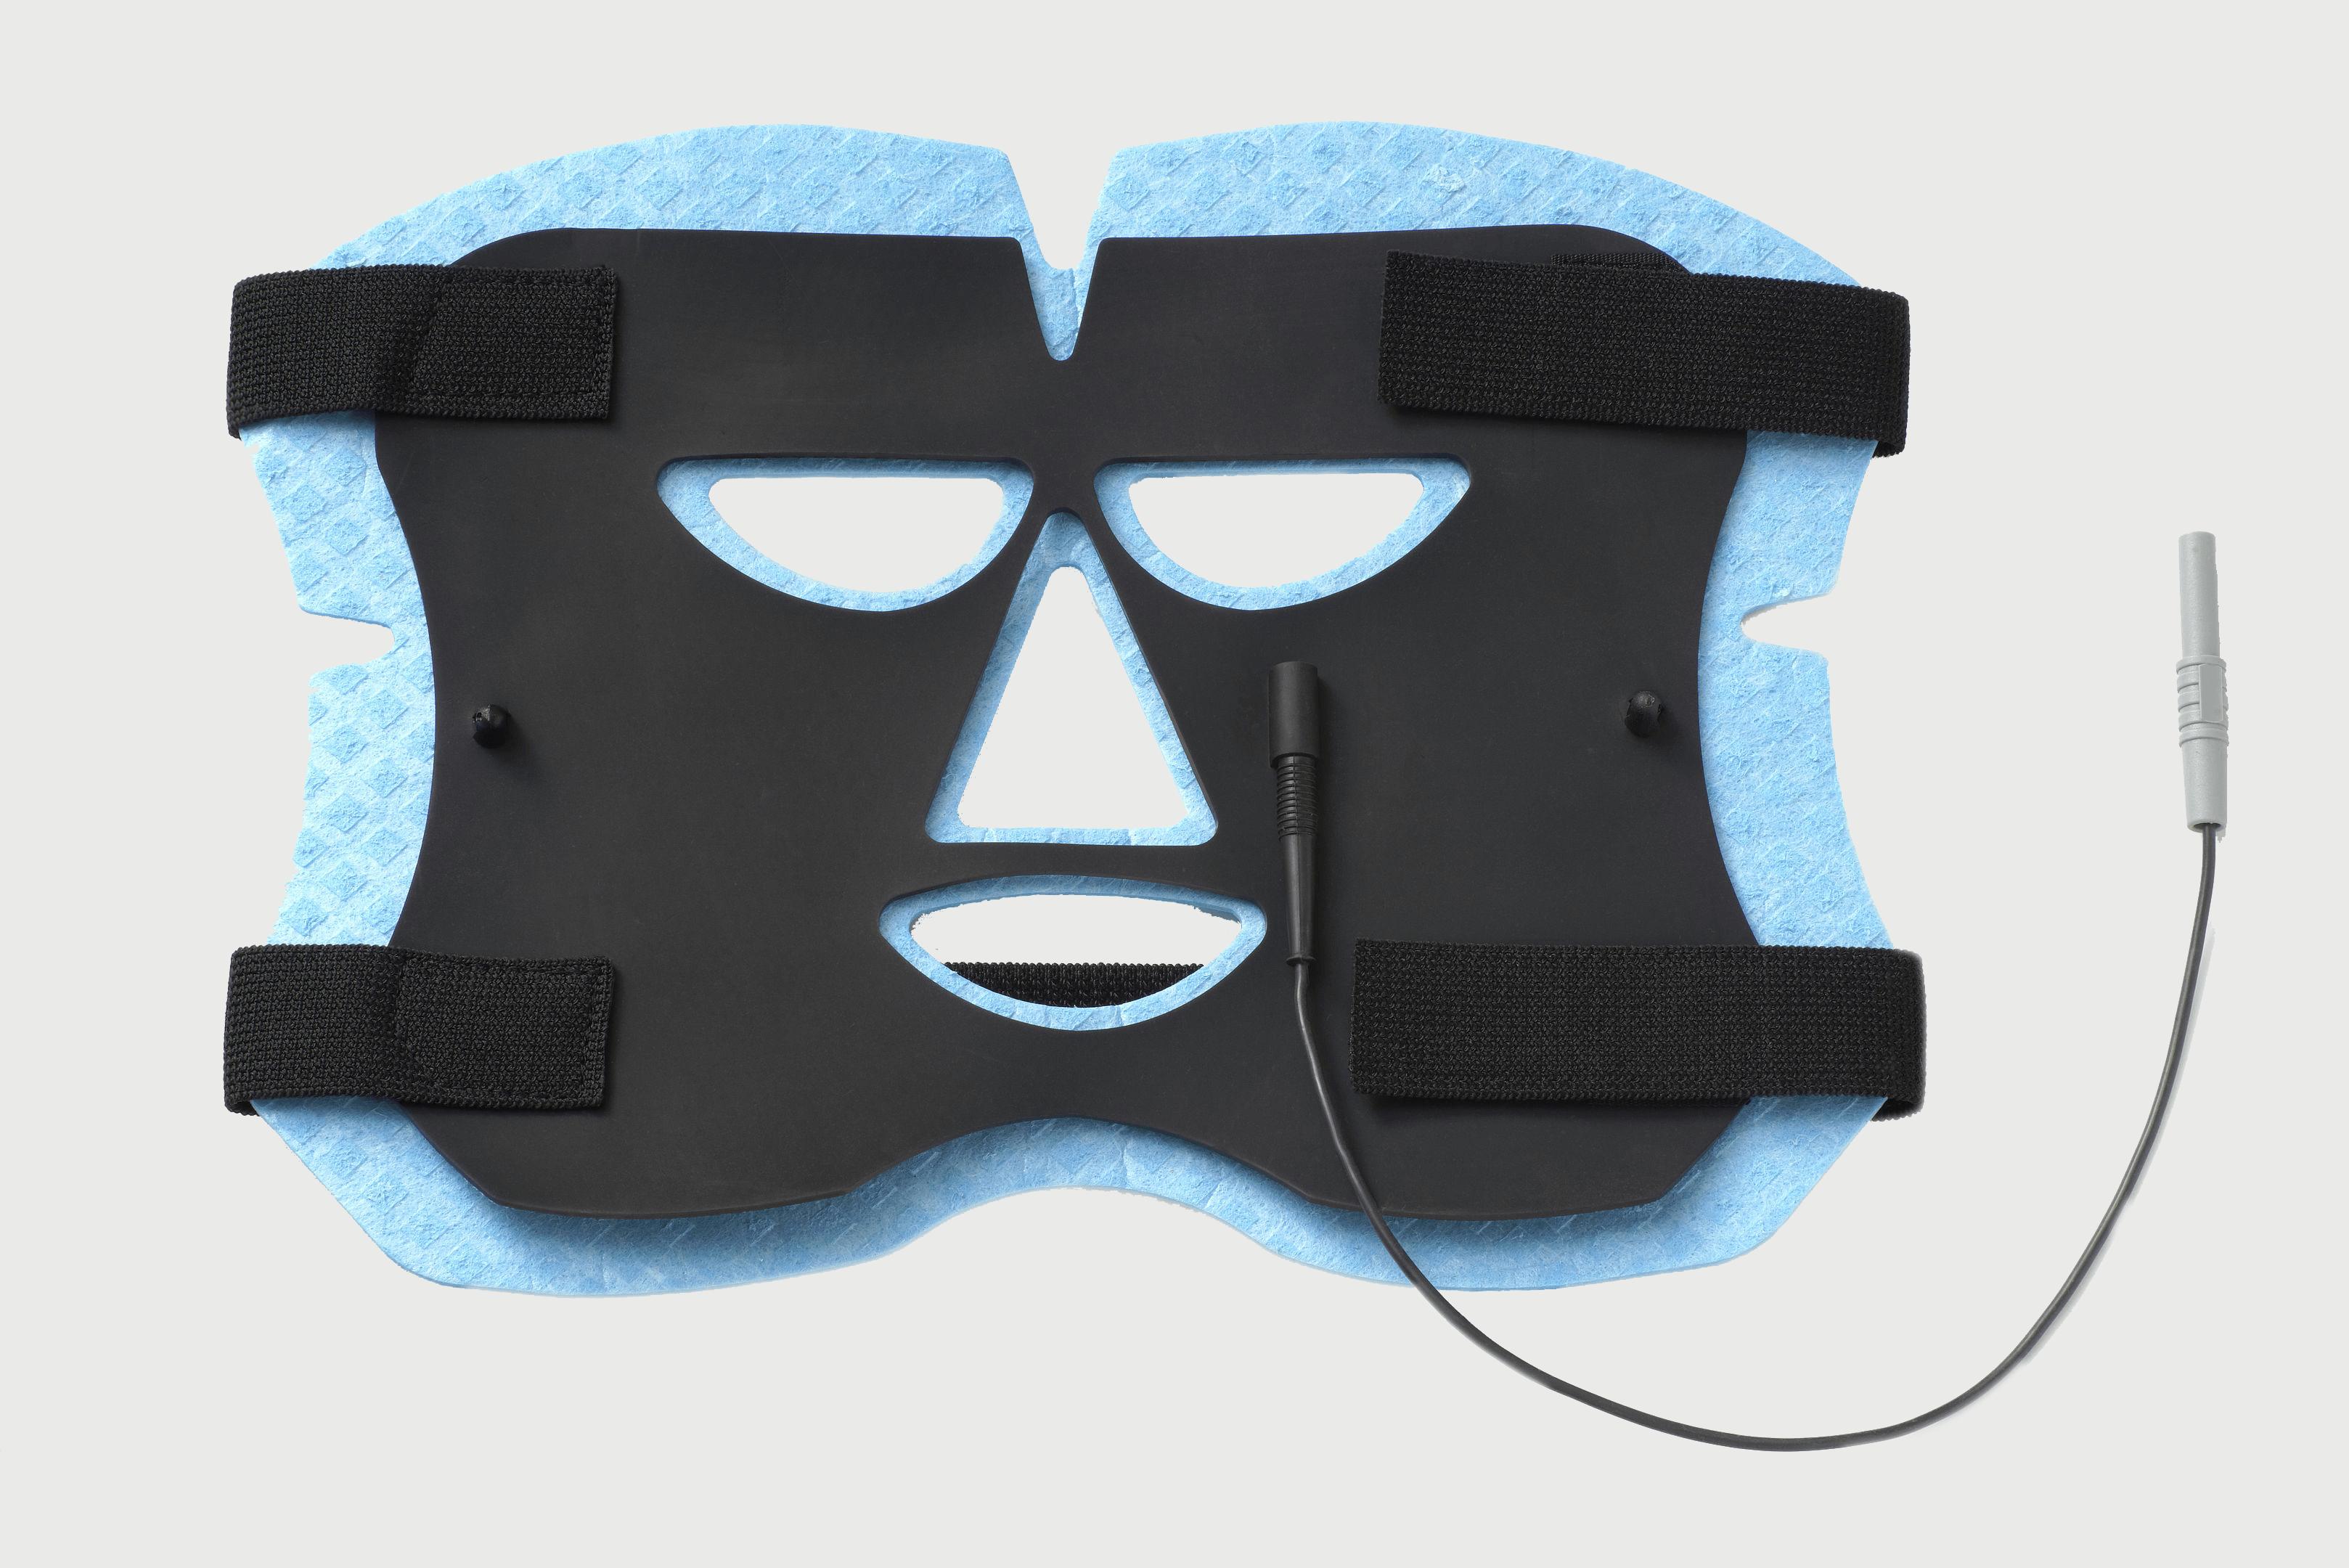 Hidrex Facemask